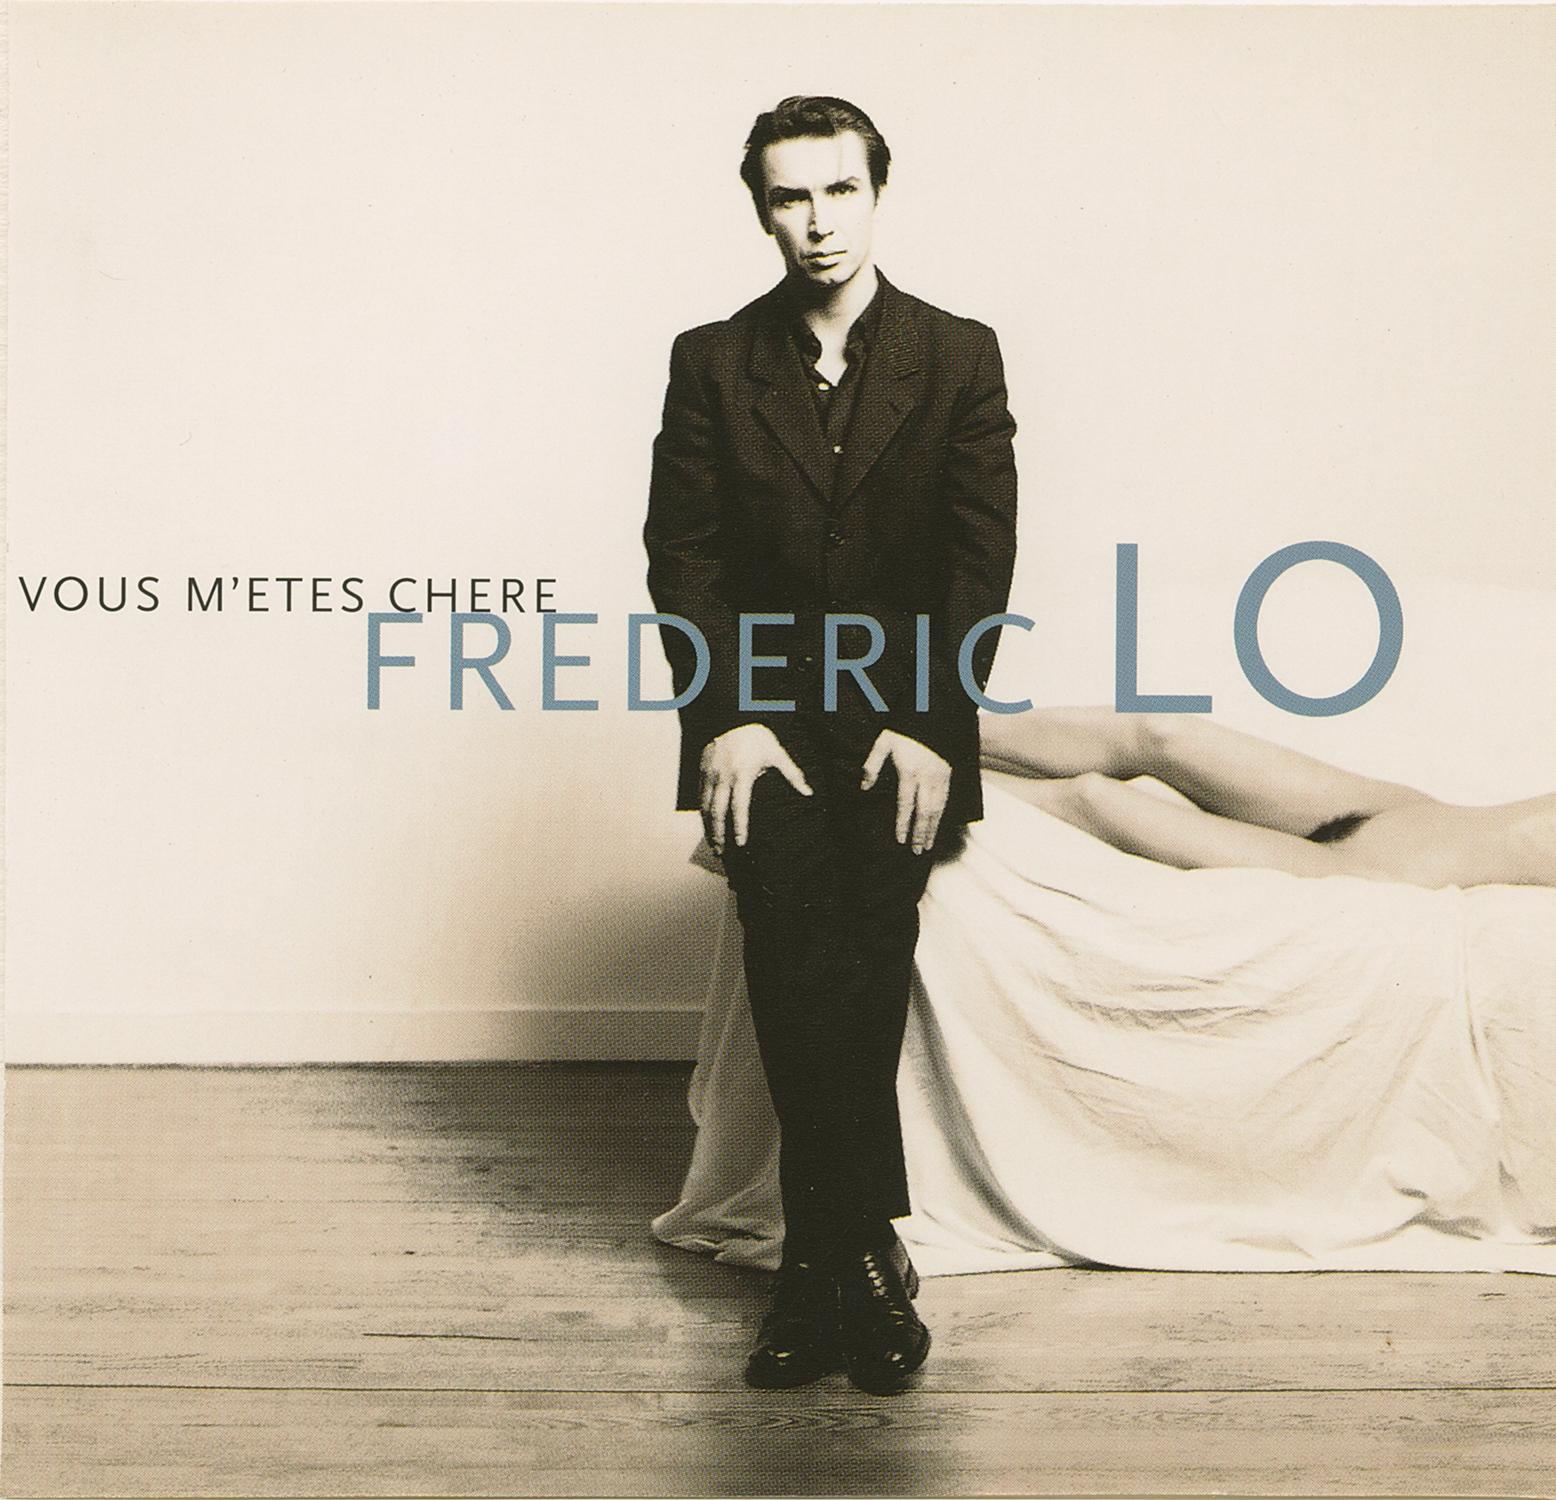 Frédéric Lo / Vous m'êtes chère